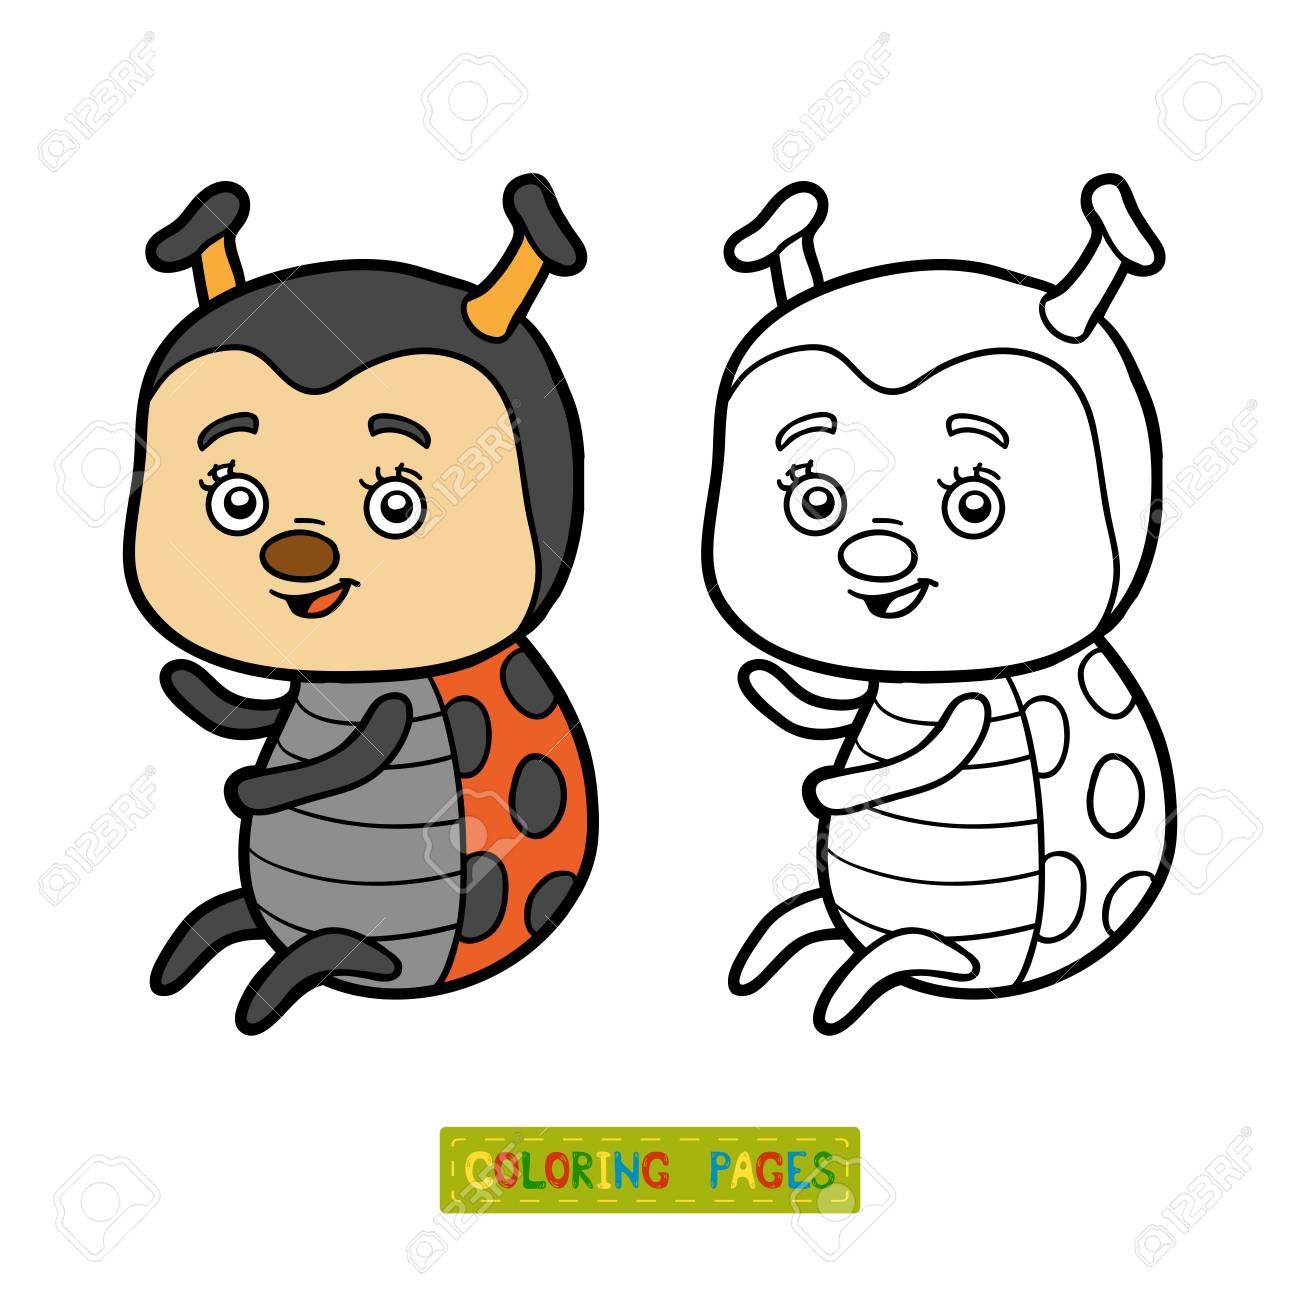 てんとう虫の子供のための塗り絵のイラスト素材ベクタ Image 62153712